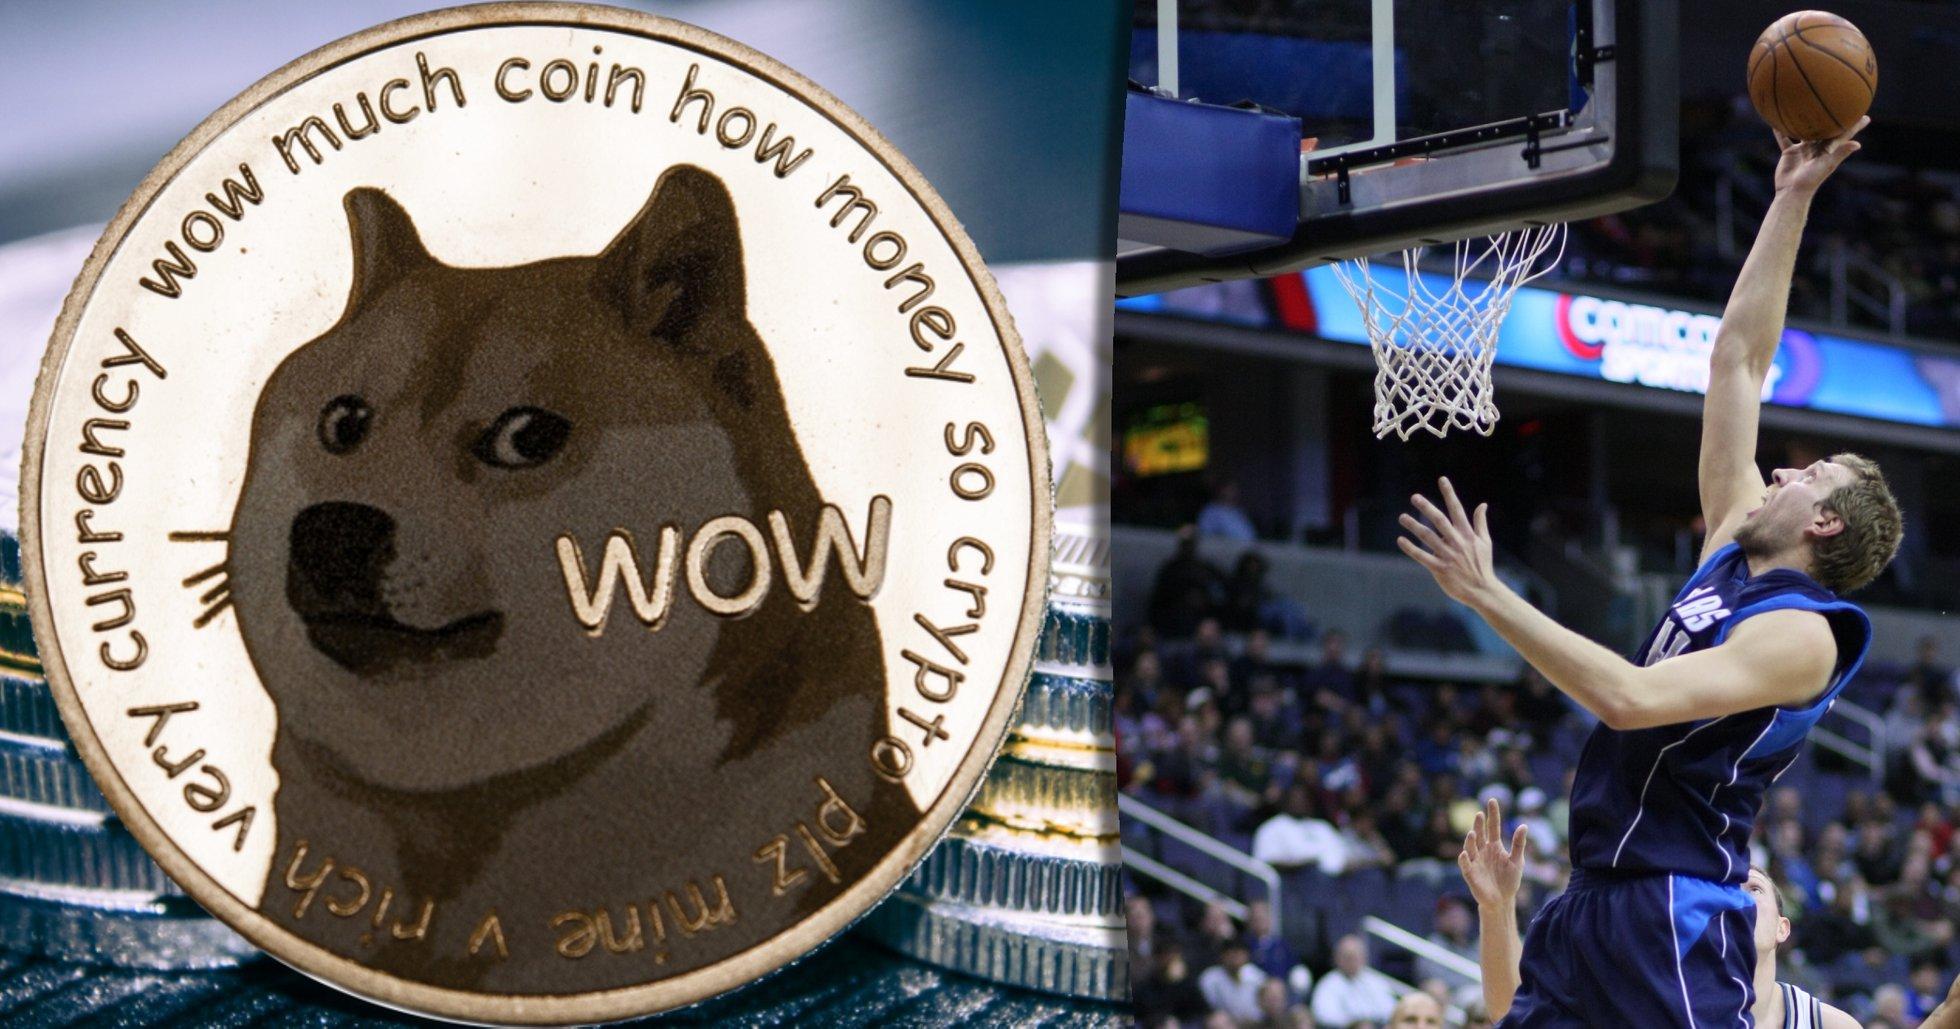 NBA-laget Dallas Mavericks börjar ta betalt i dogecoin